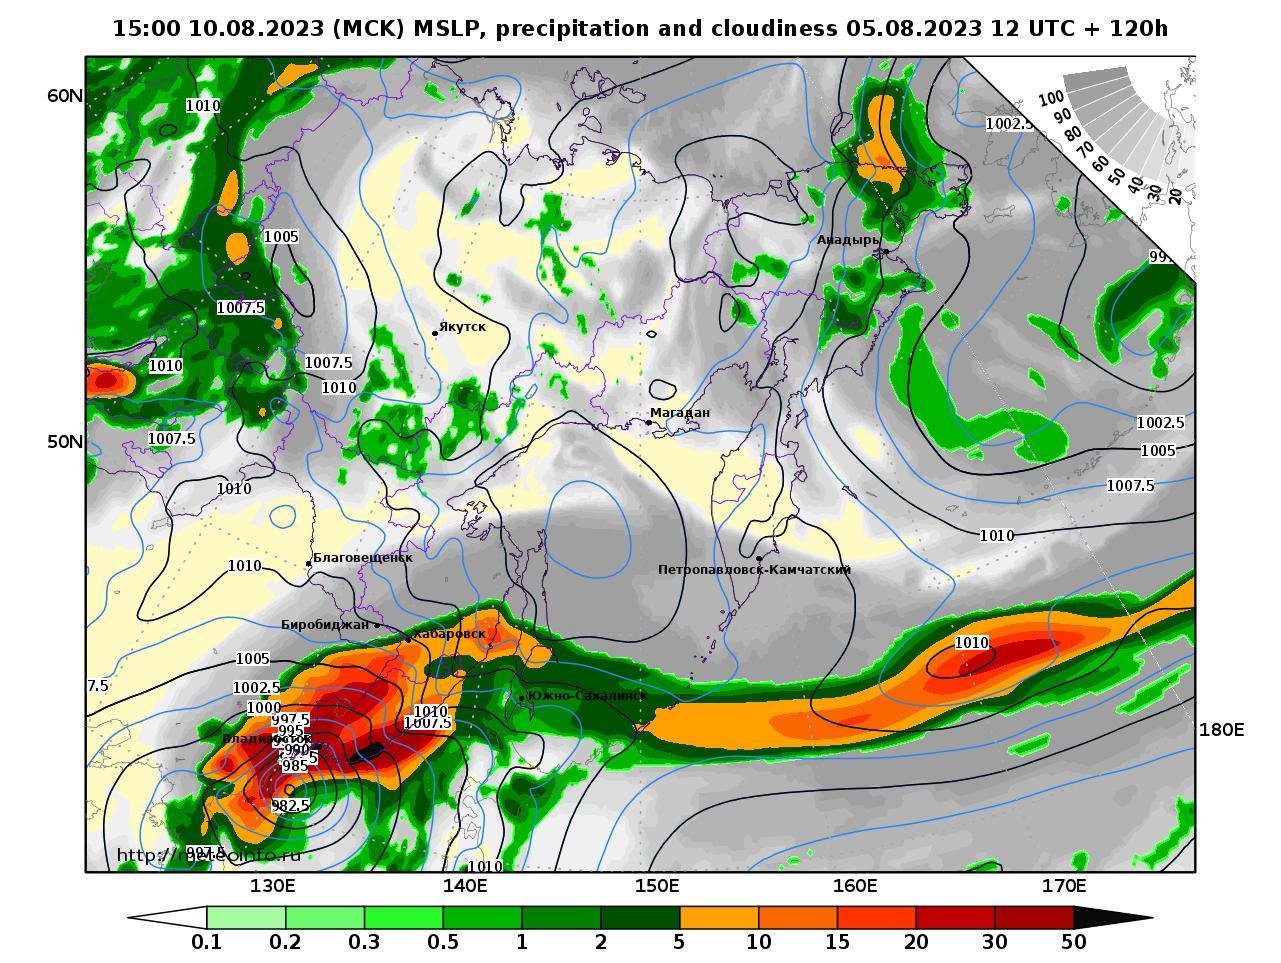 Дальний Восток, прогностическая карта осадки и давление, заблаговременность прогноза 120 часов